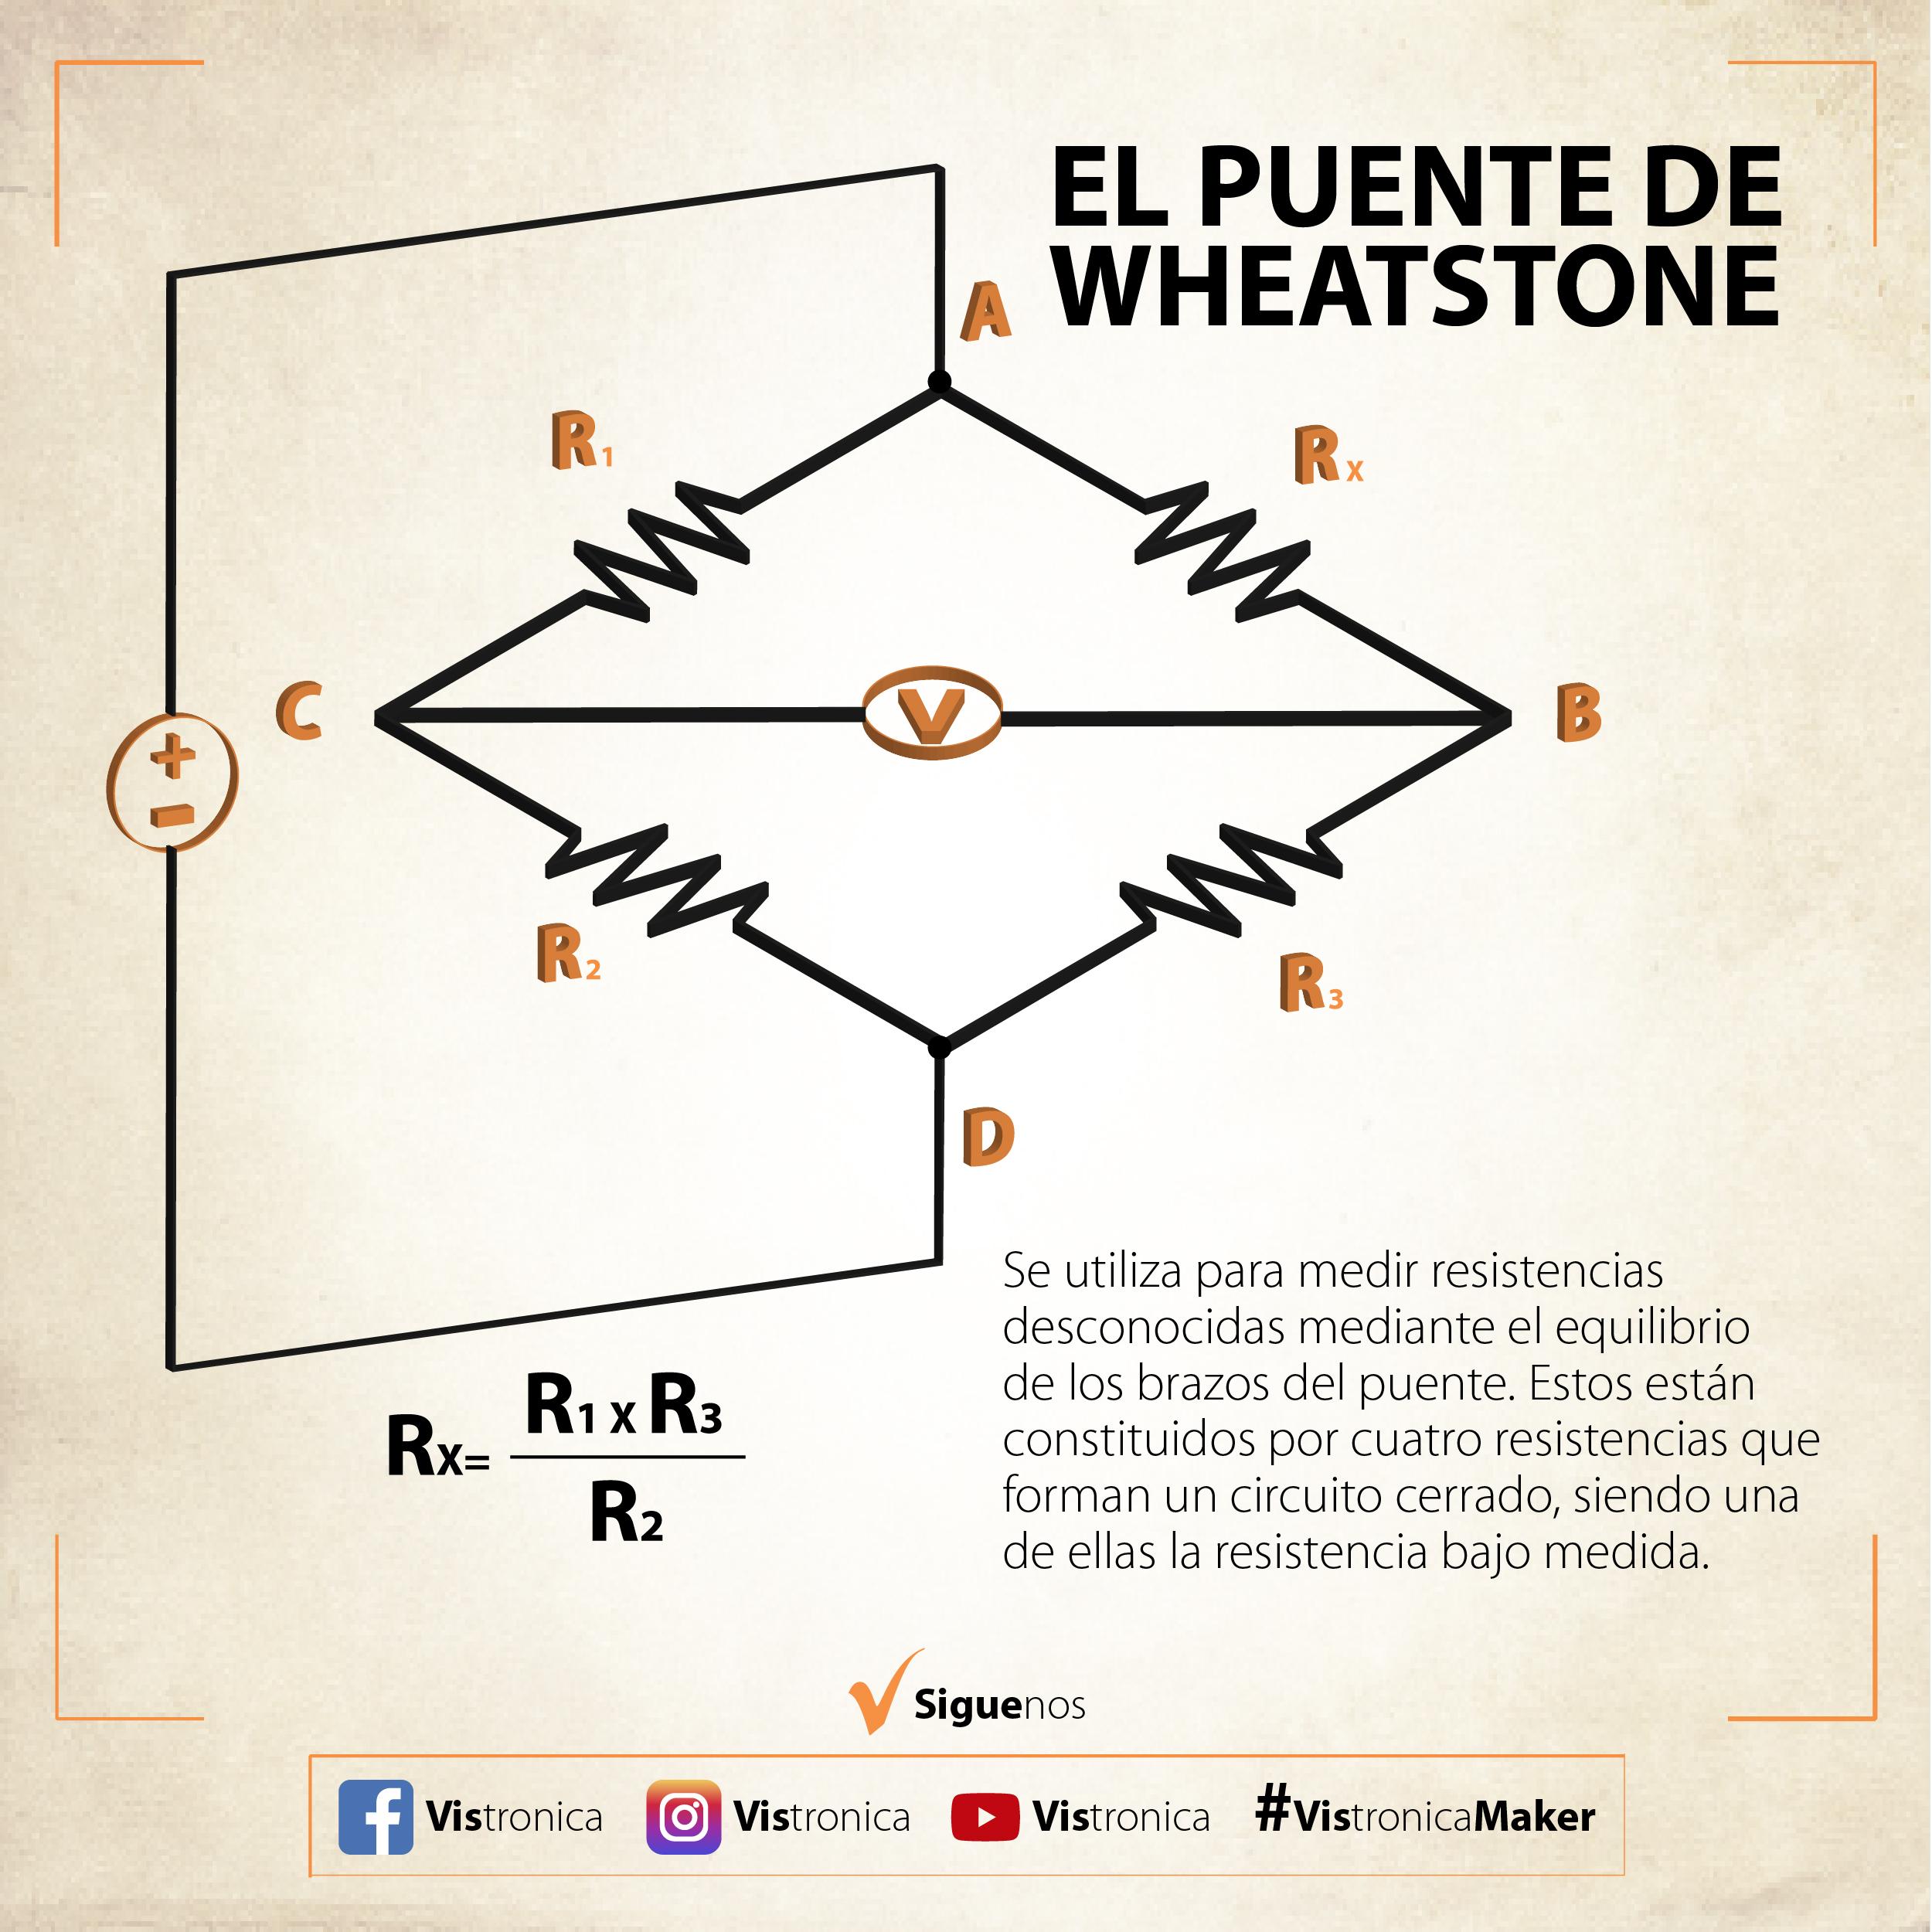 EL PUENTE DE WHEATSTONE-01-01-01.jpg